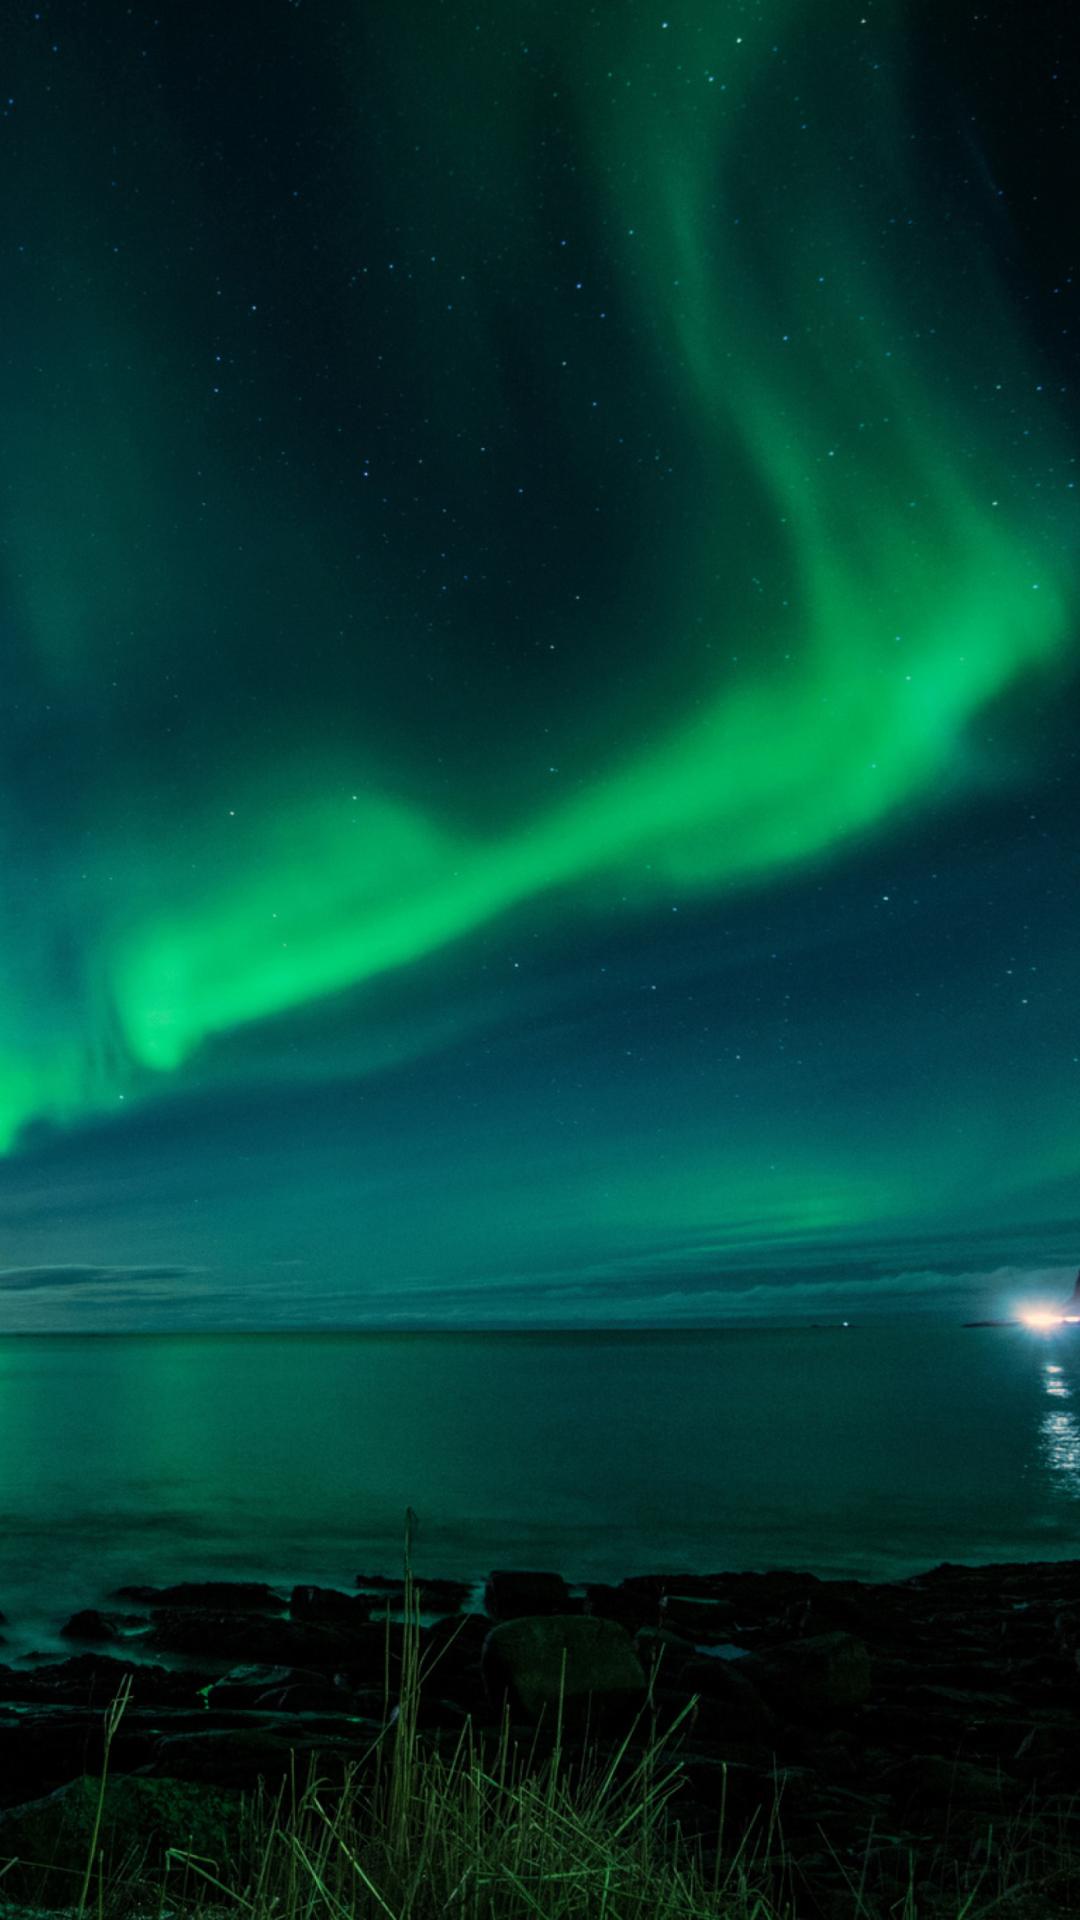 Aurora Nature Wallpaper Note 10 11 Iphone 12 Ios 13 - Northern Lights Iceland Wallpaper Iphone , HD Wallpaper & Backgrounds